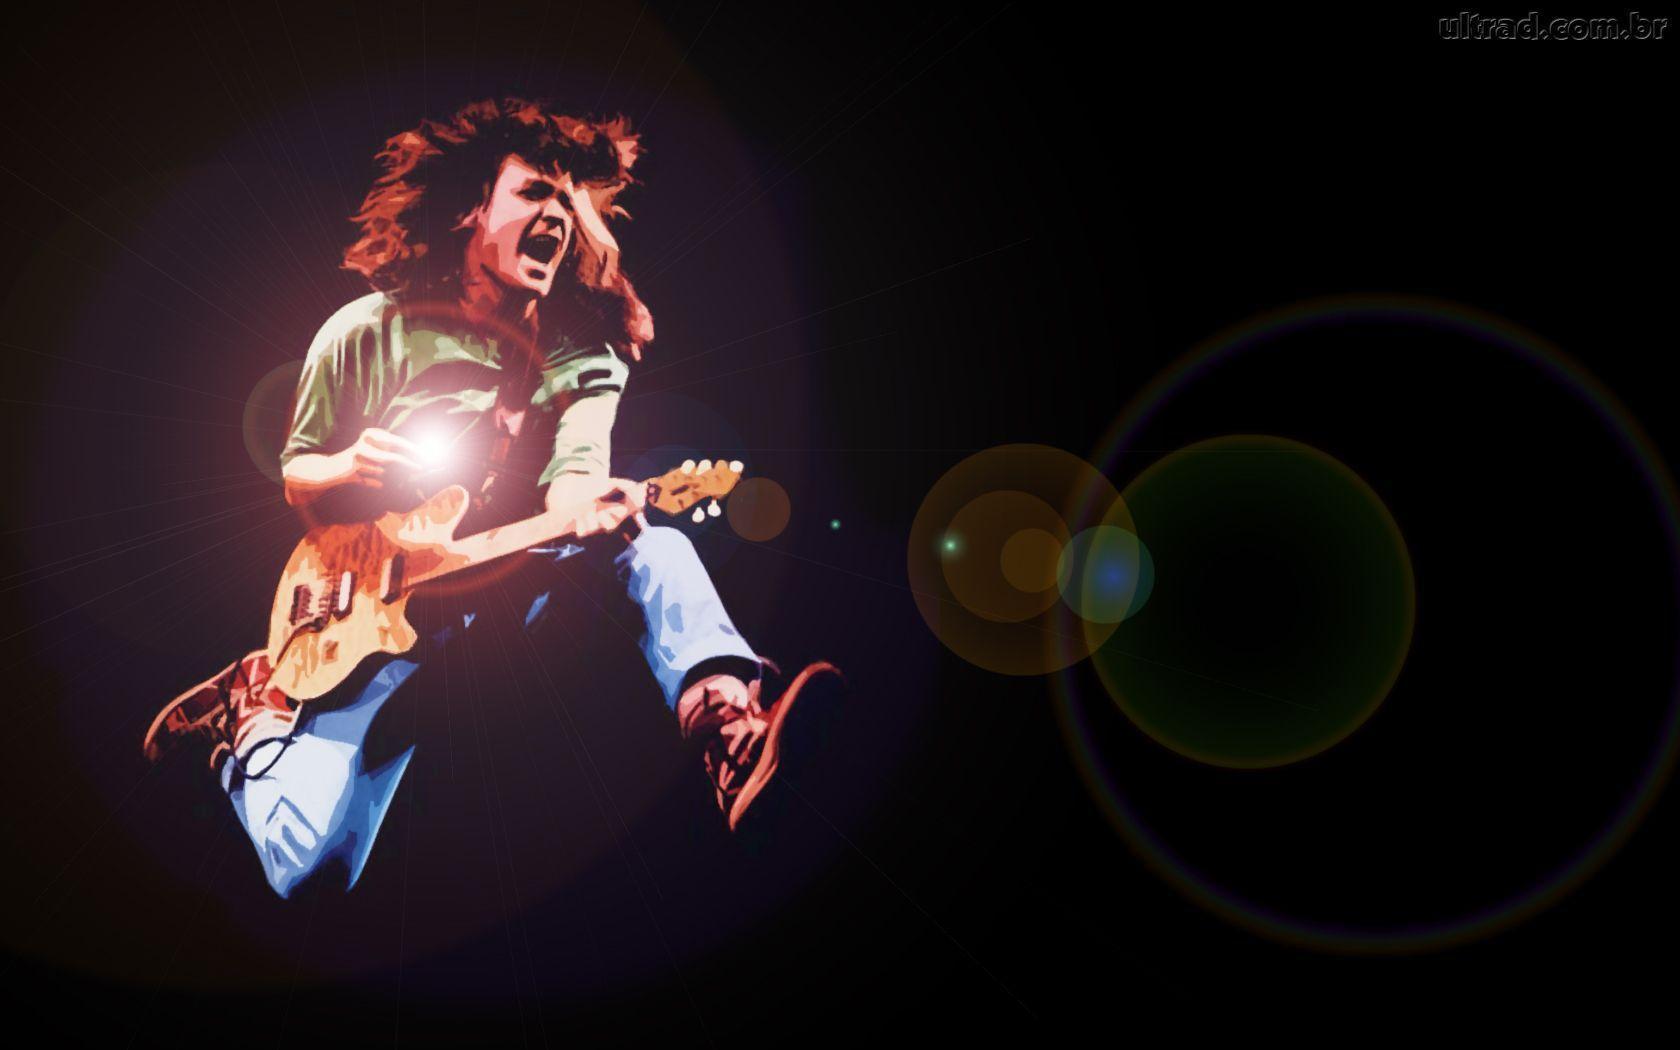 Van Halen Backgrounds - Wallpaper Cave